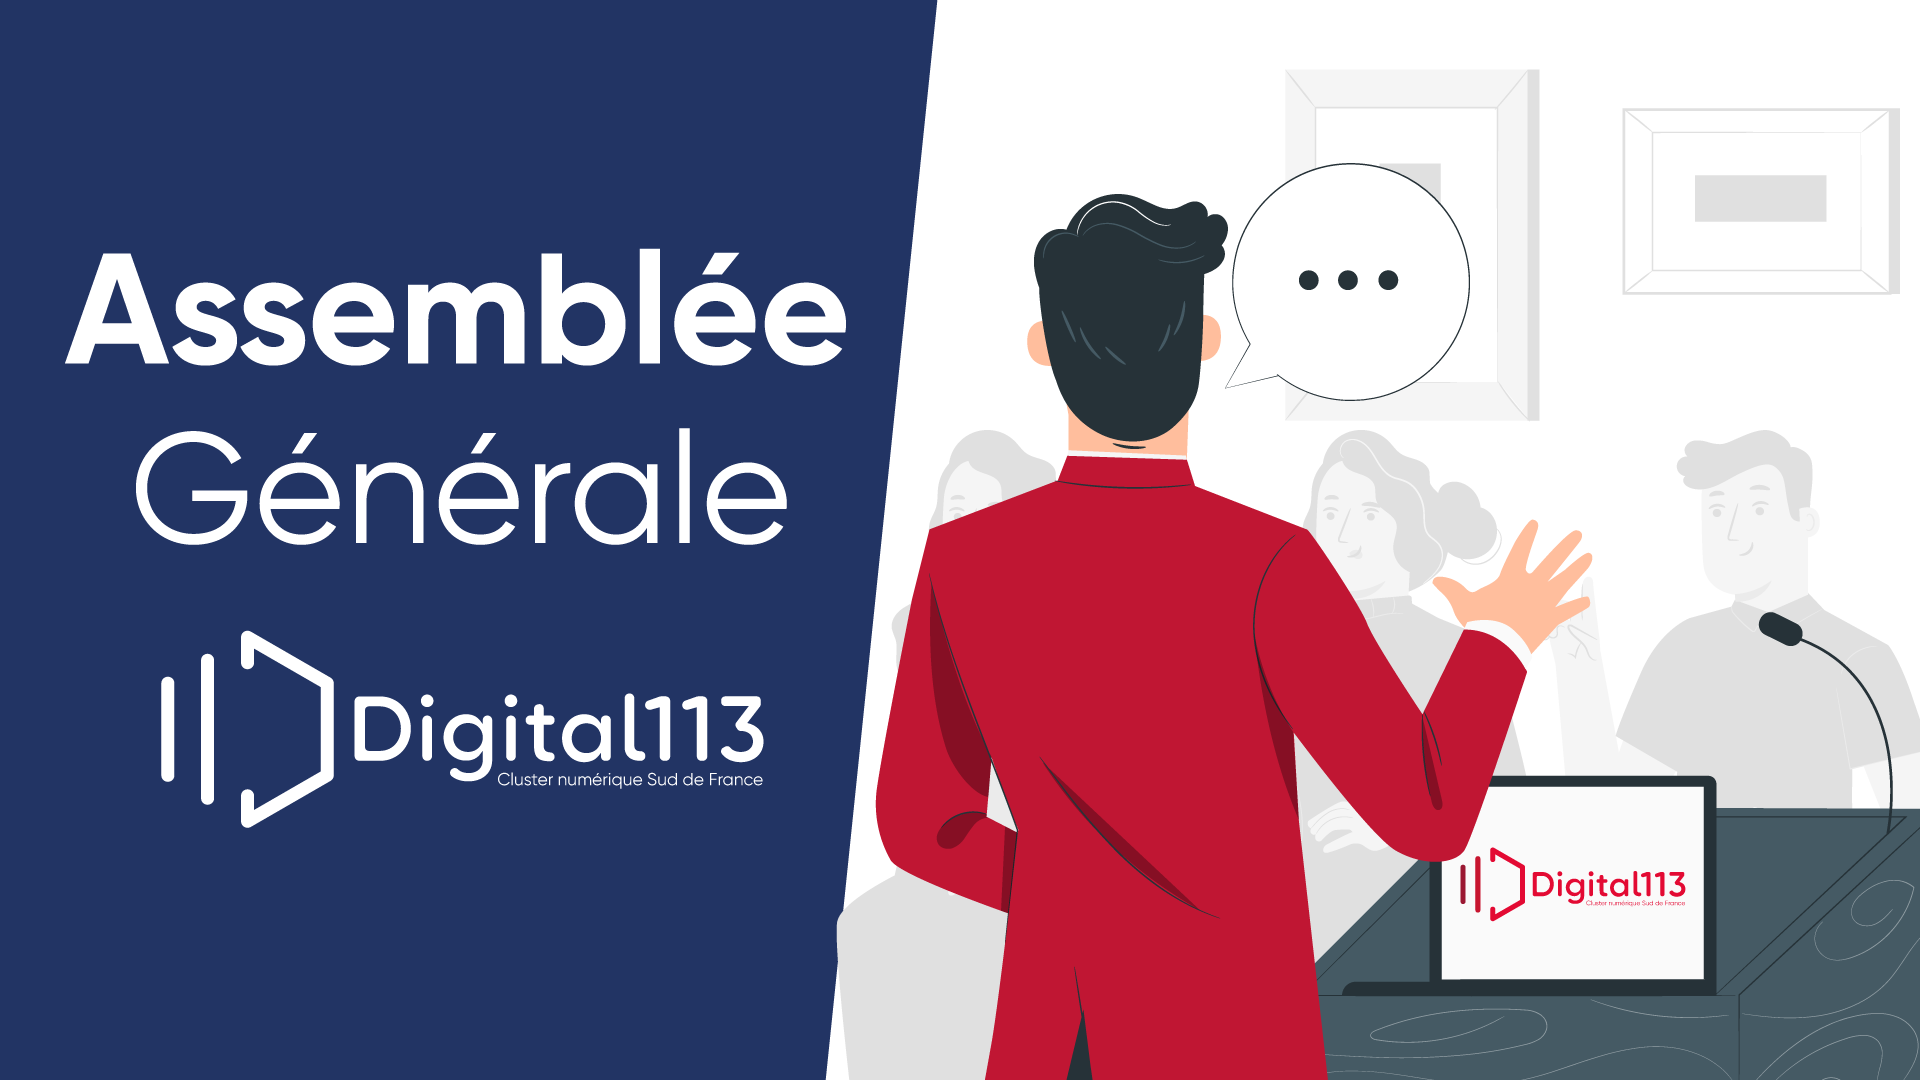 assemblée générale digital 113